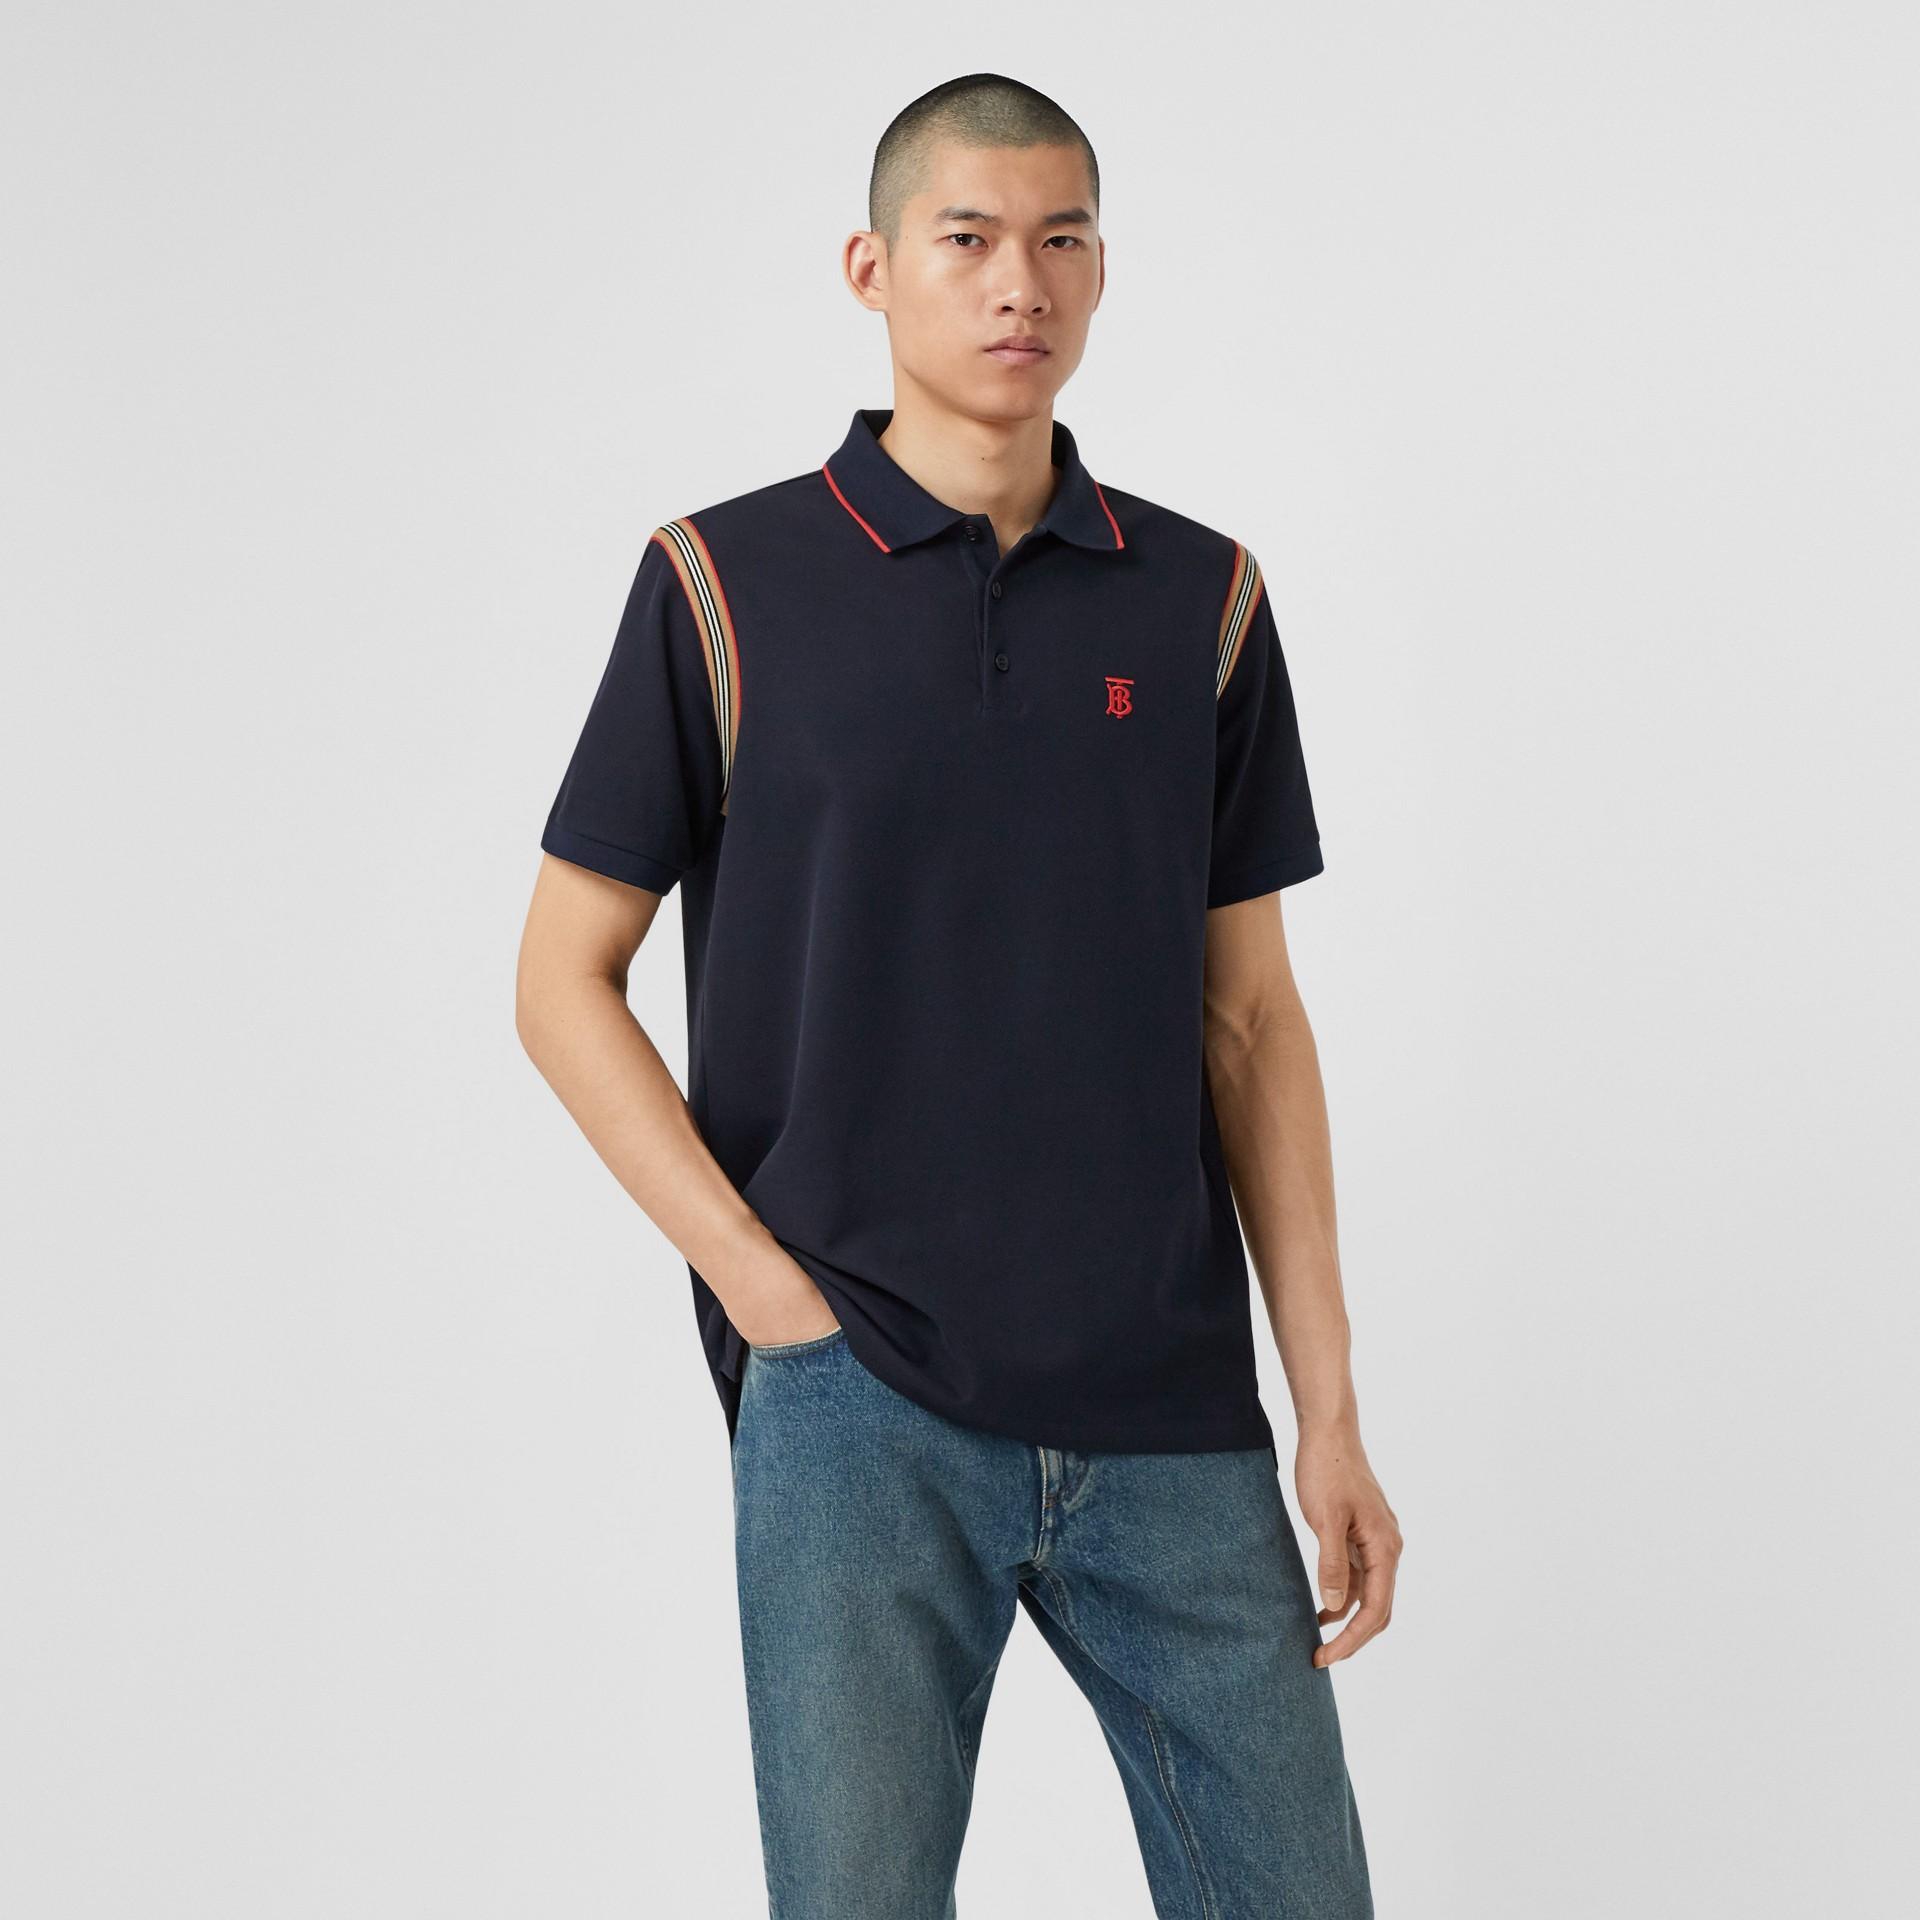 アイコンストライプトリム モノグラムモチーフ コットン ポロシャツ (ネイビー) - メンズ | バーバリー - ギャラリーイメージ 4